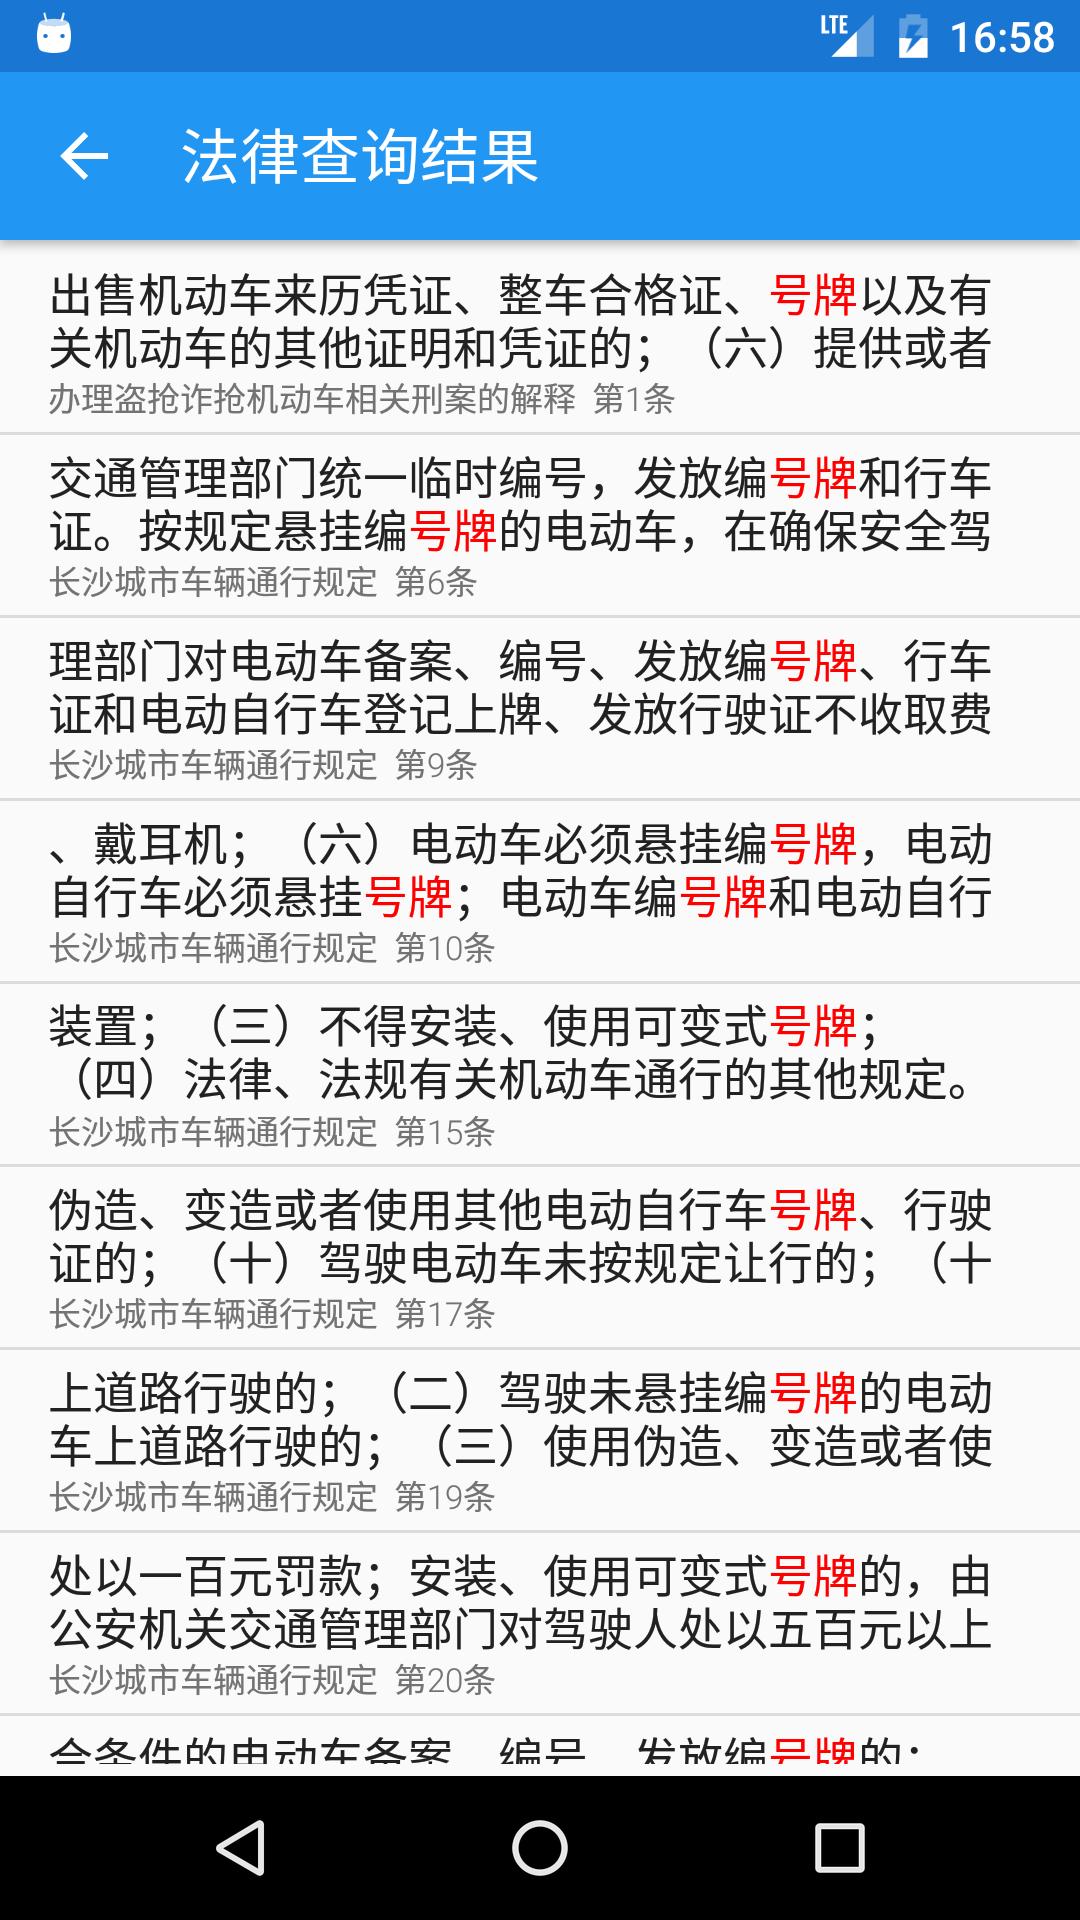 交警助手 V1.1.2 安卓版截图2